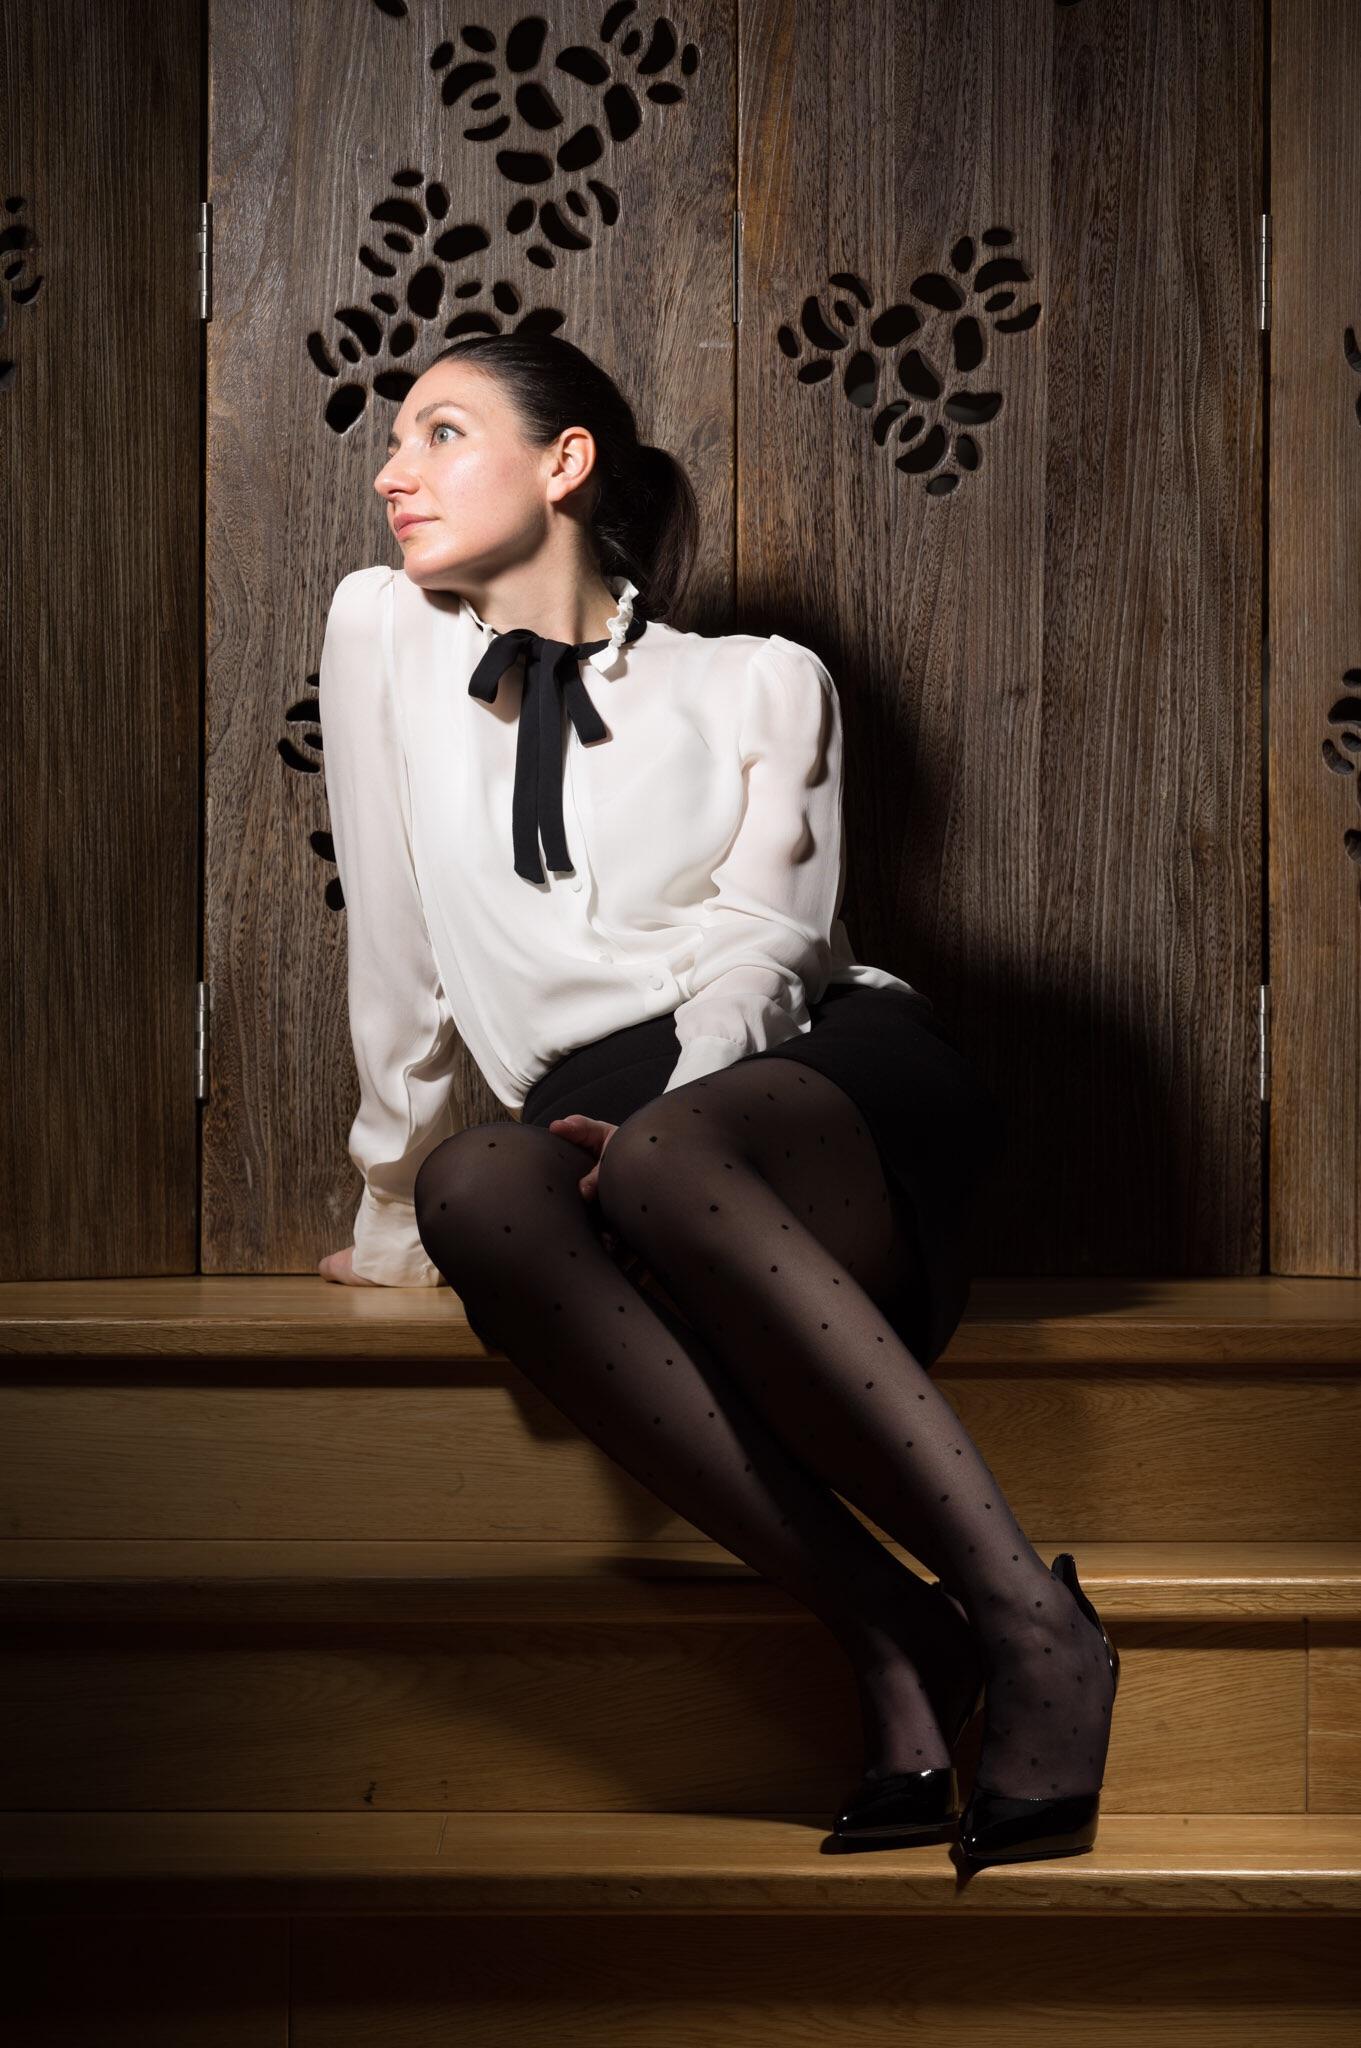 Work-wear-with-stilettos-1.jpg